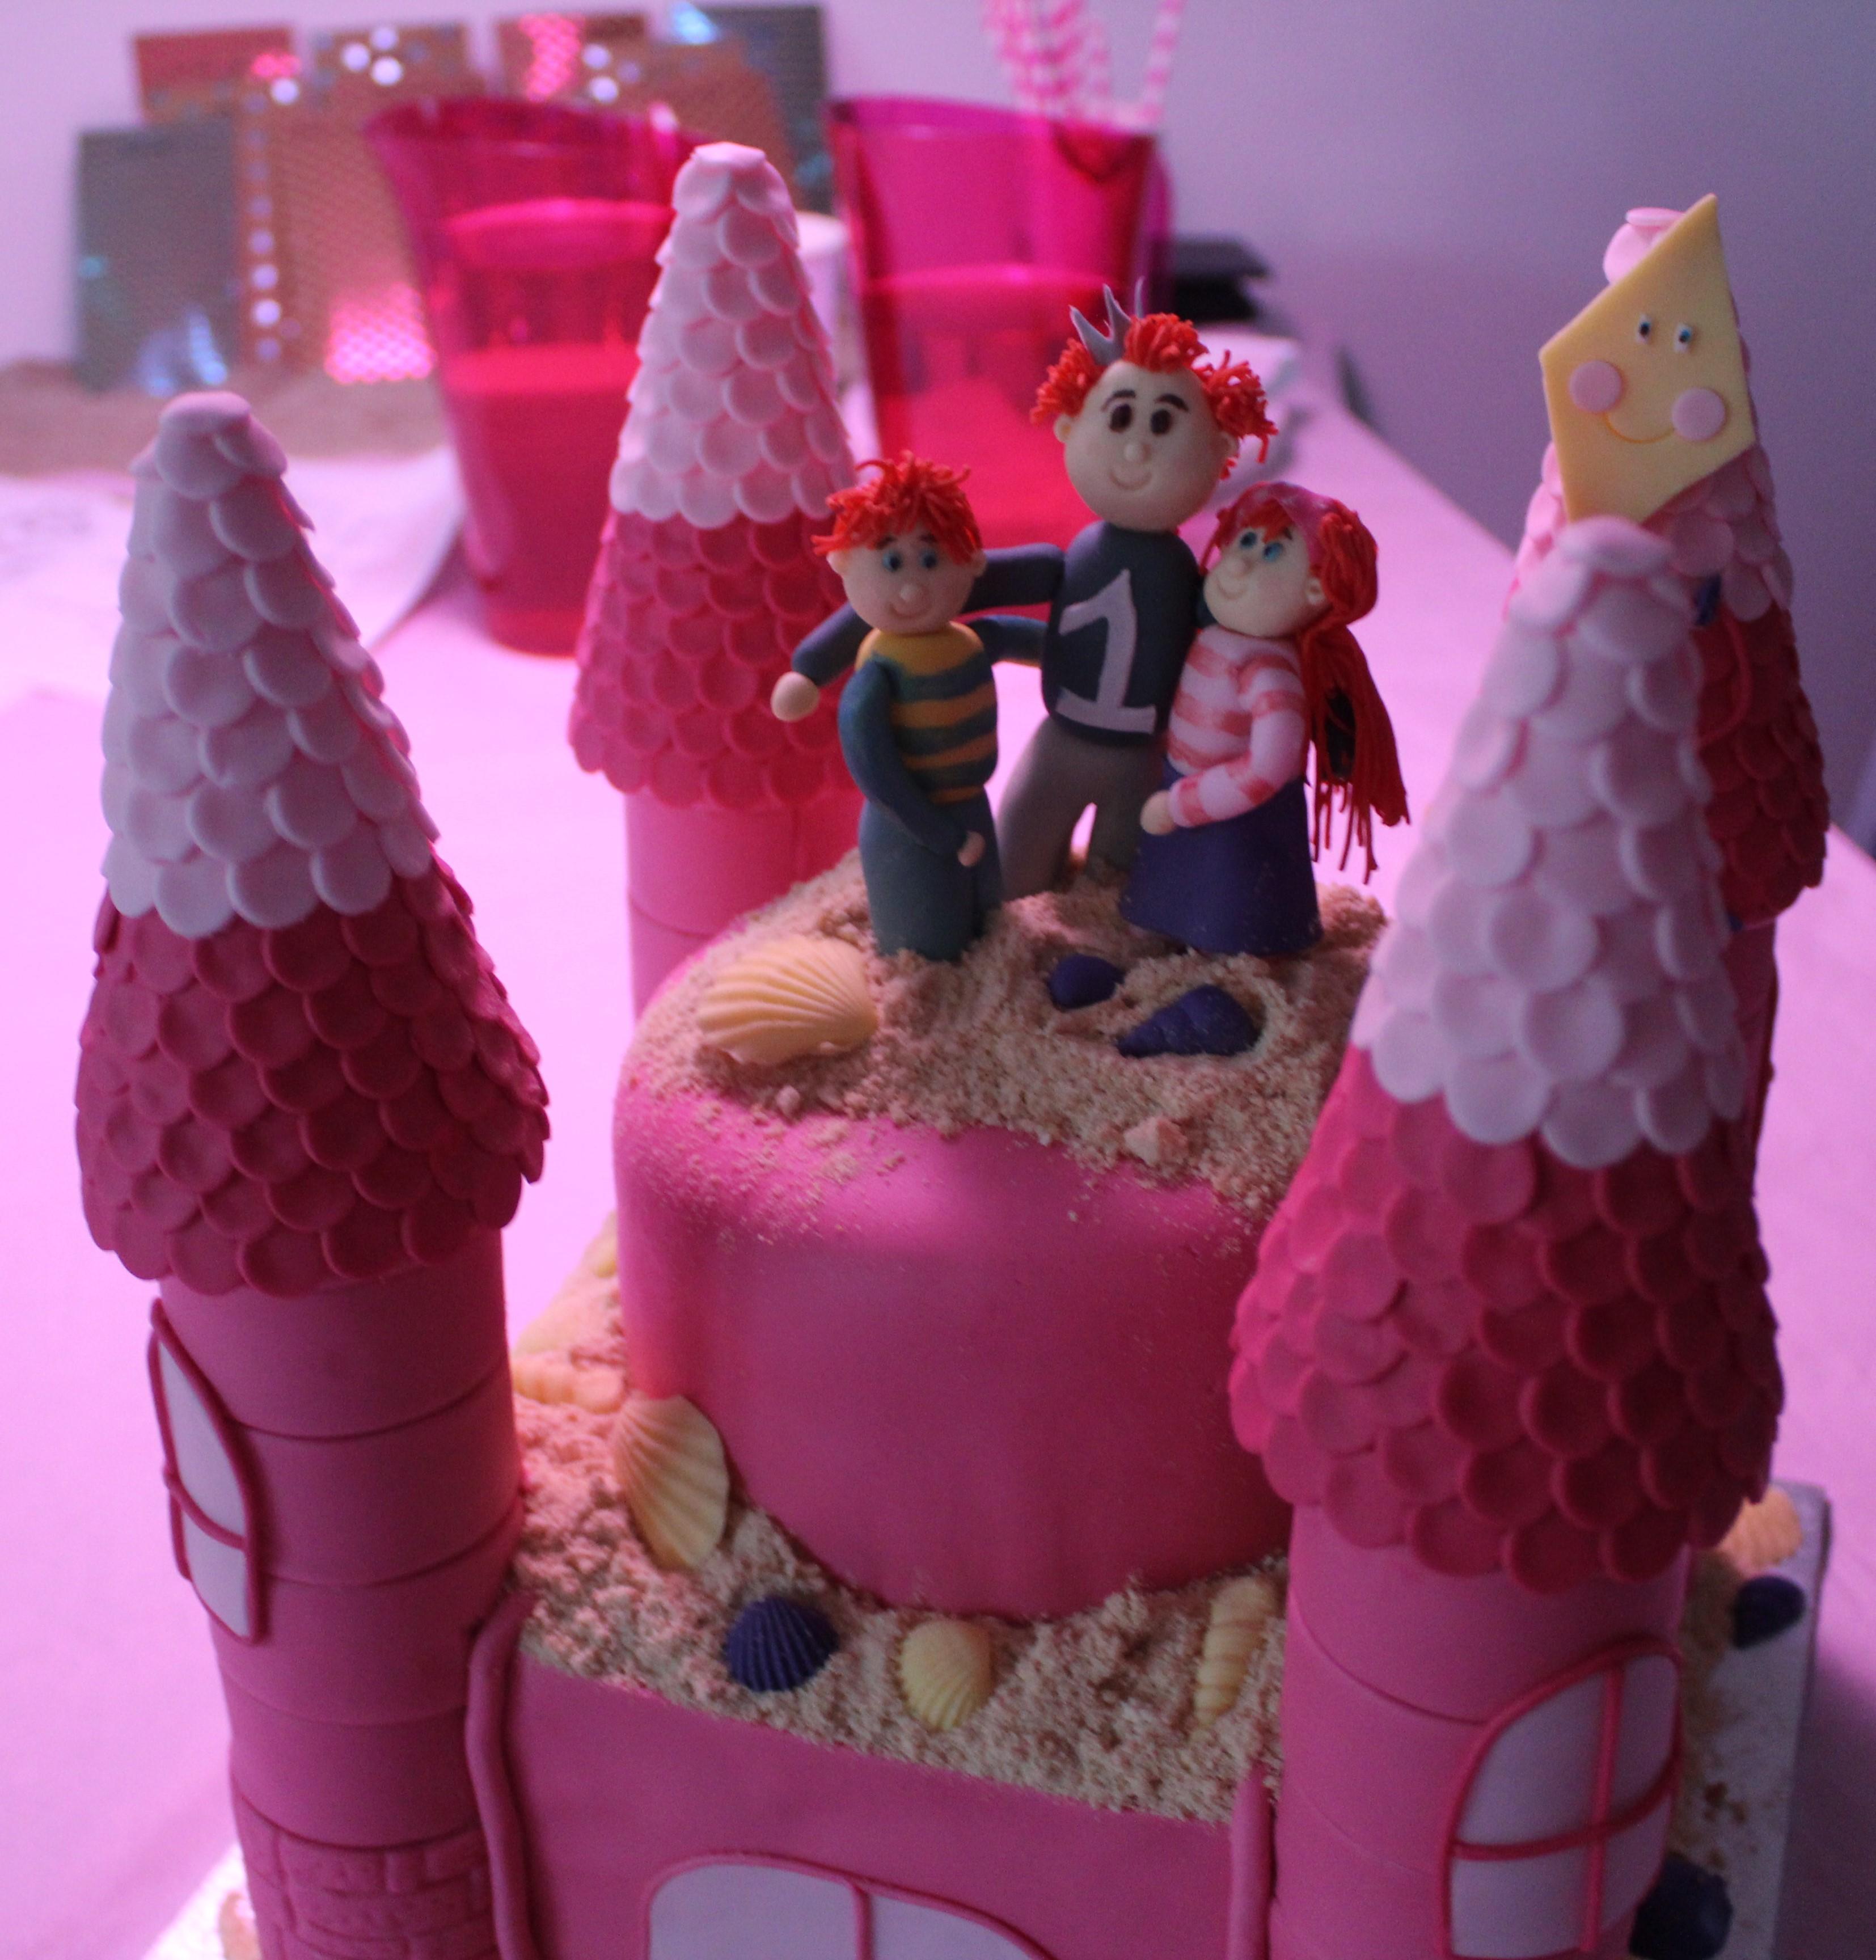 12-16-taart-zandkasteel-nola-2-jaar-verjaardag-verjaardagstaart-baby-meisje-kind-roze-thema-zand-dag-bestellen-balonnen-helium-nanny-moeder-amsterdam-diemen